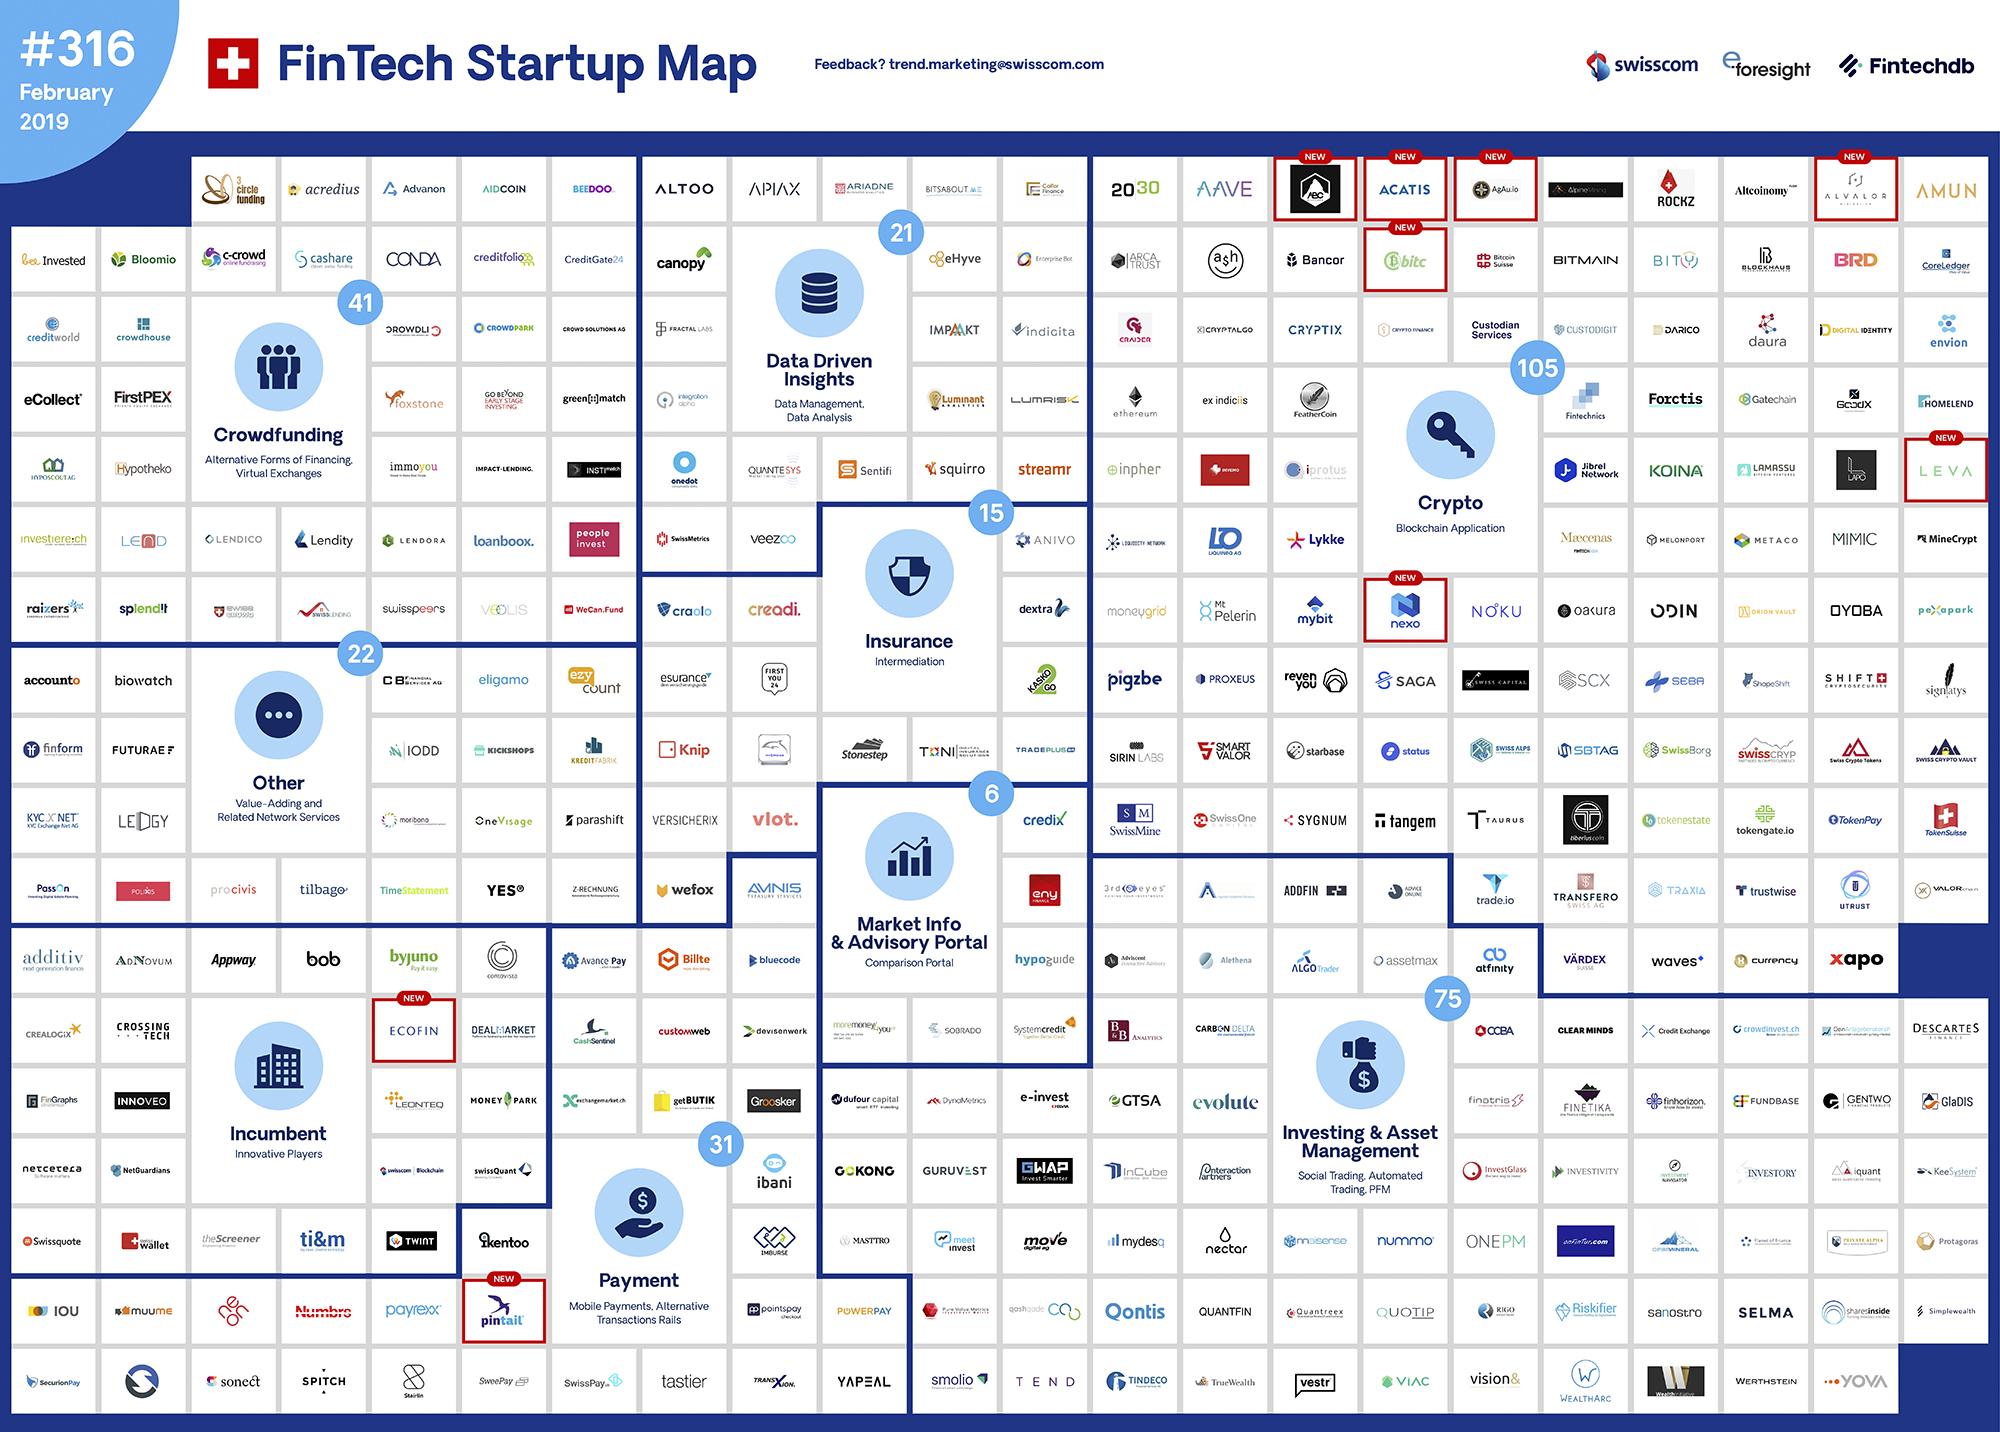 Swiss FinTech Startup Map February